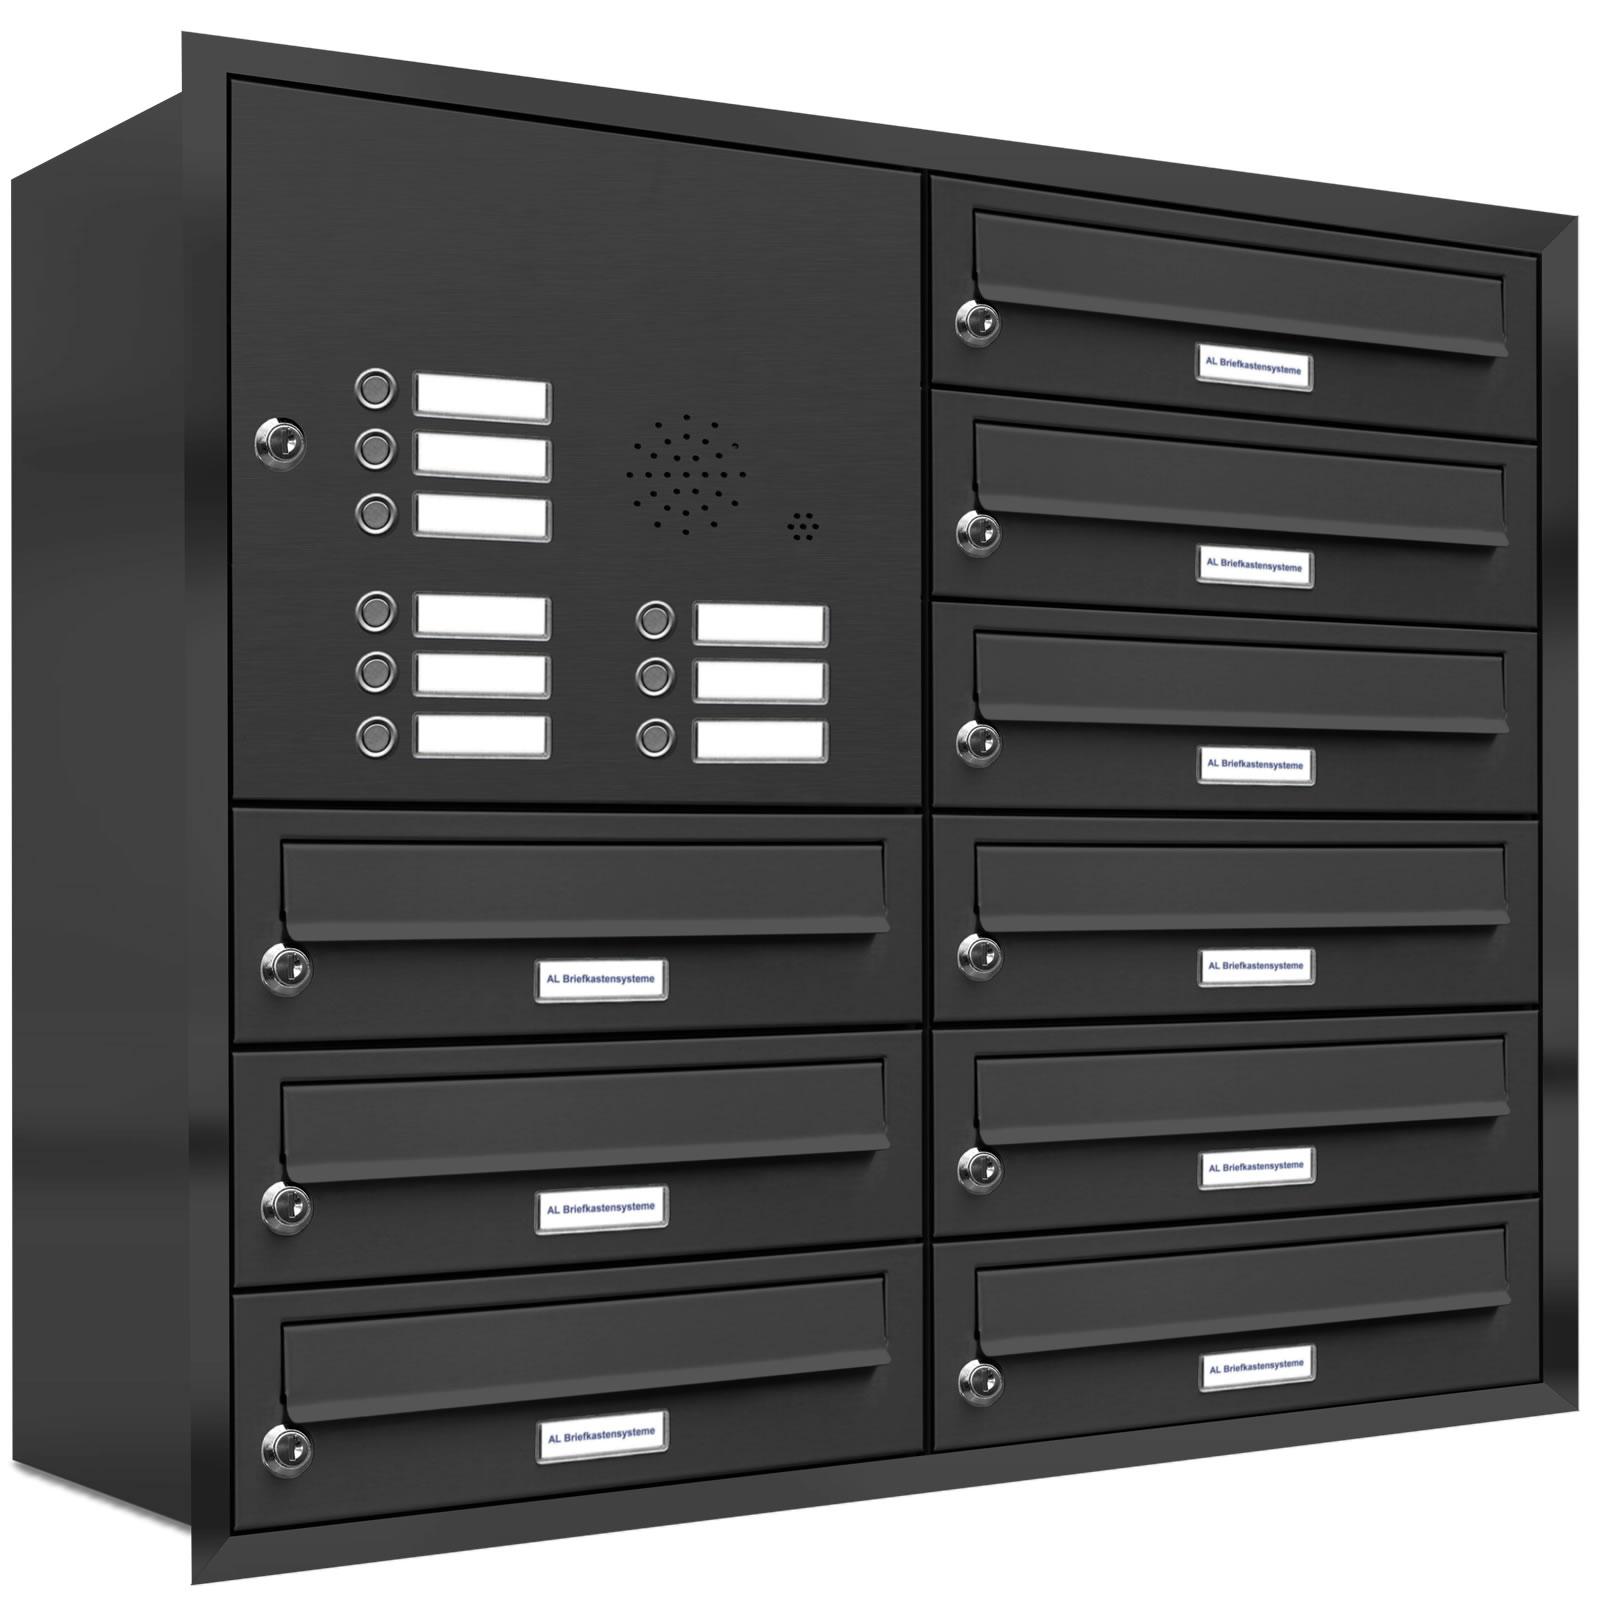 9er briefkasten anlage unterputz montage ral 7016 anthrazit klingel ebay. Black Bedroom Furniture Sets. Home Design Ideas